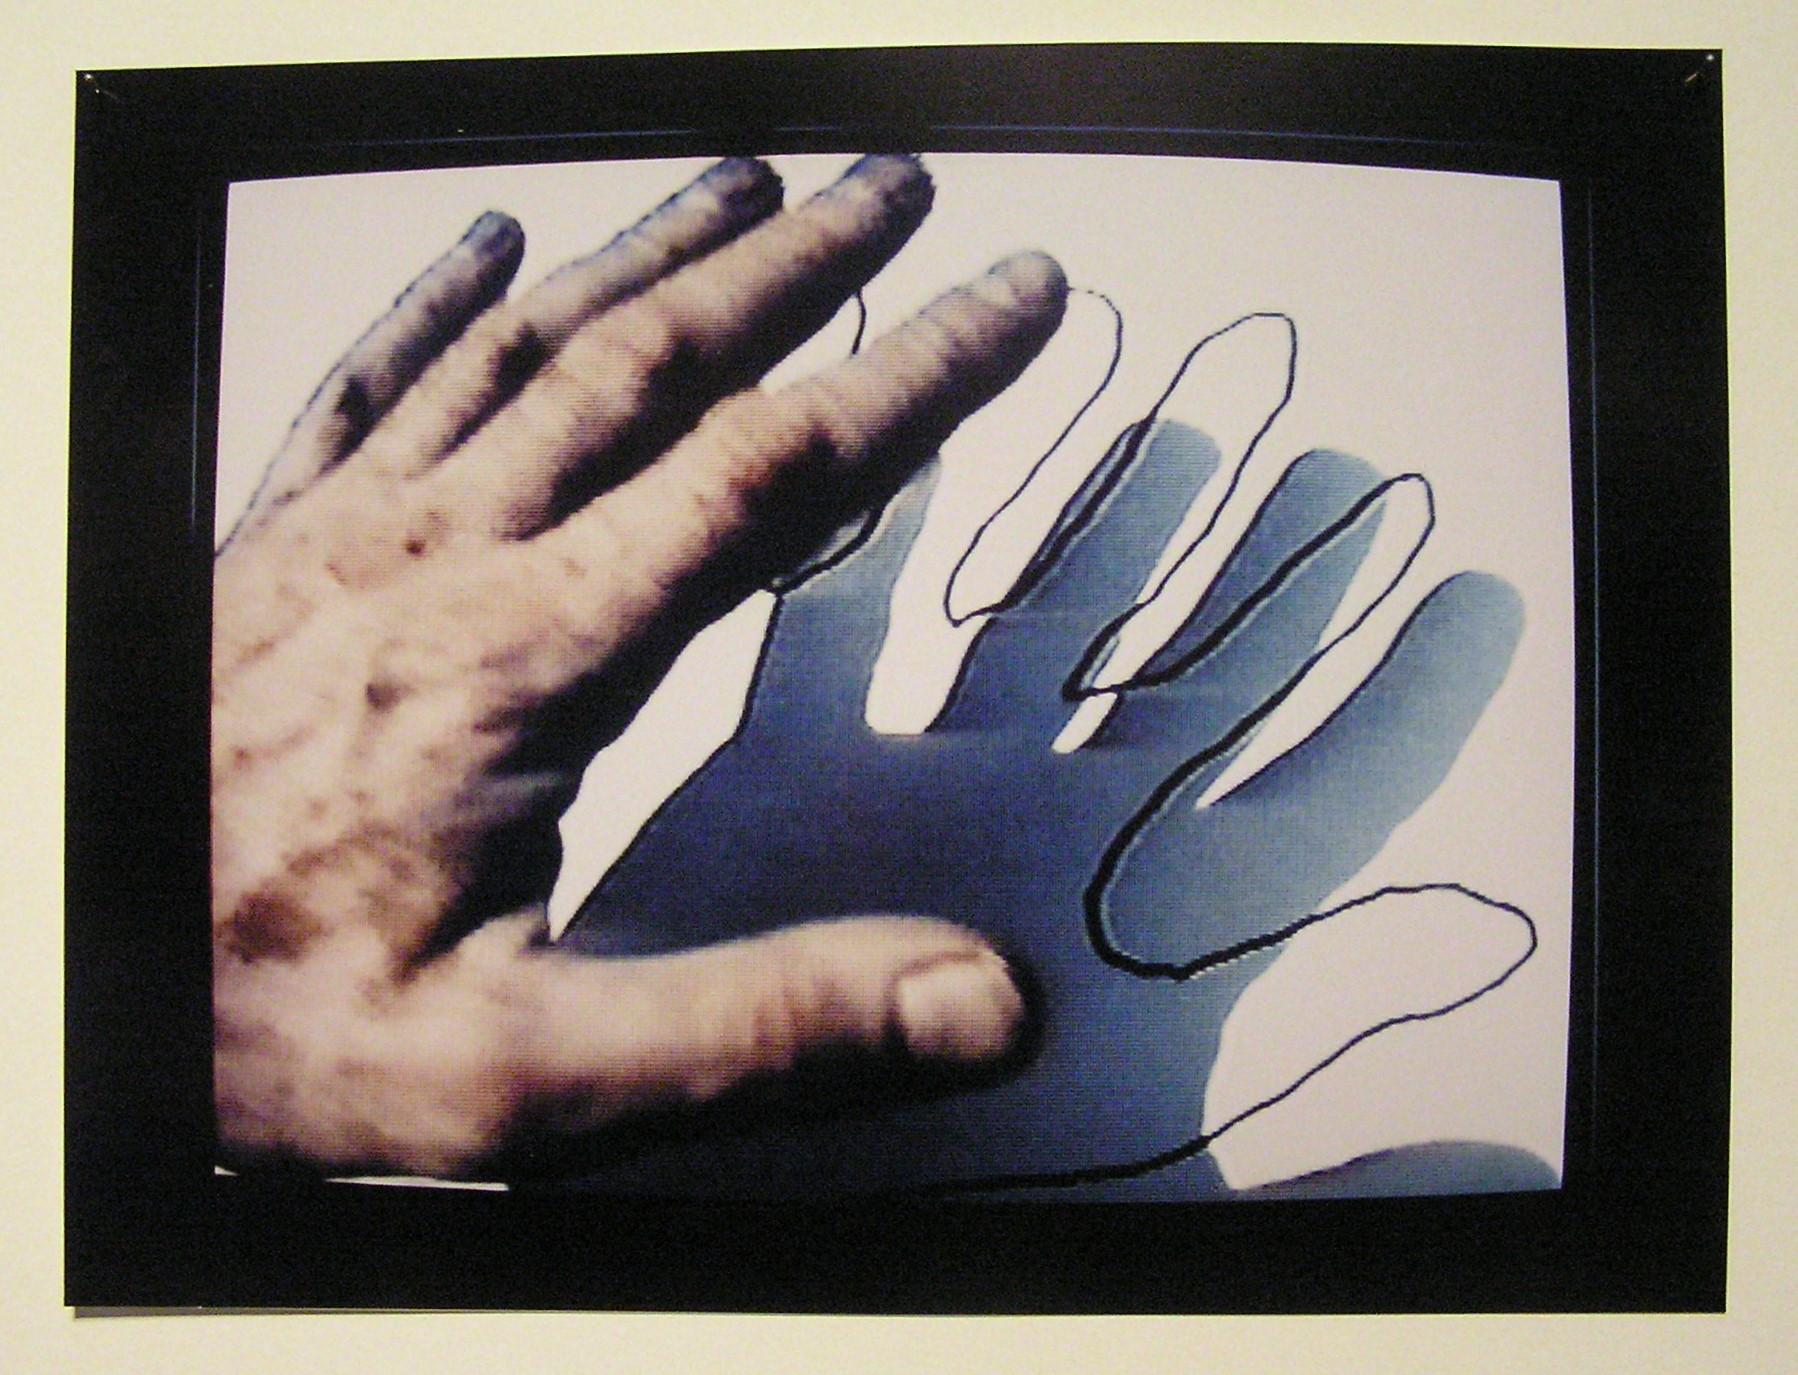 Zygmunt Rytka, Obiekt nietrwały, 1990, fot. K. Jurecki